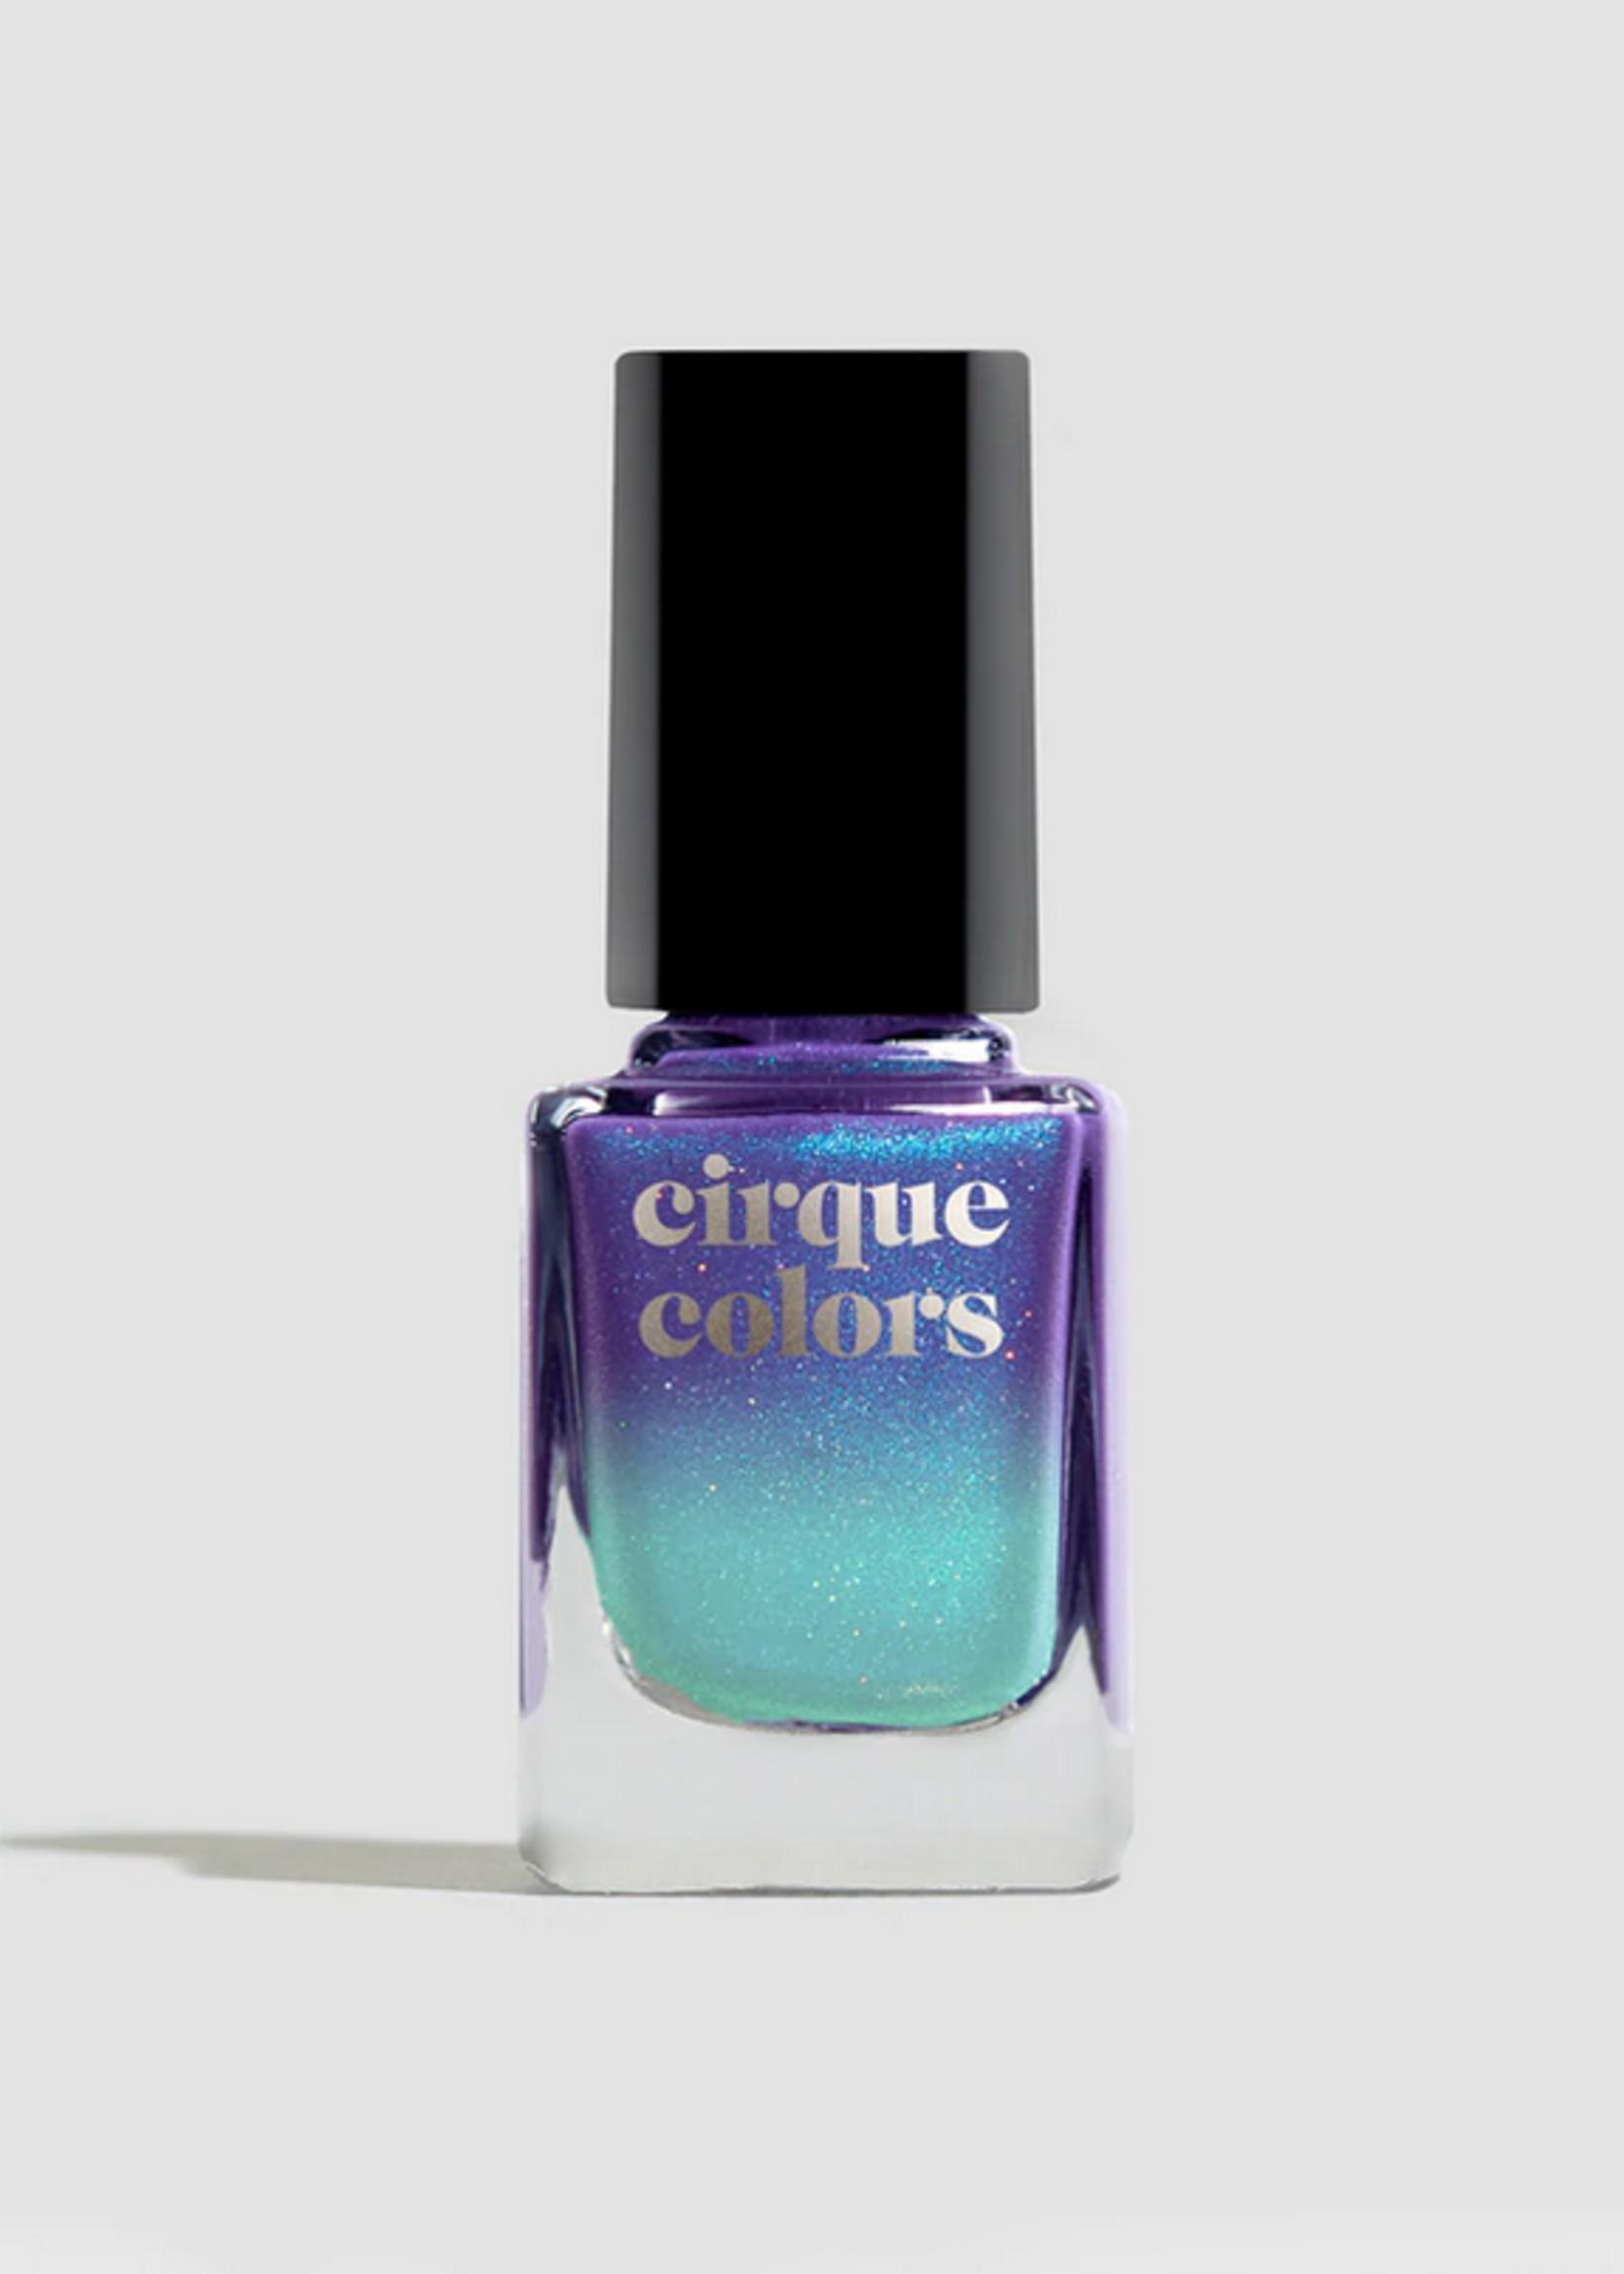 Cirque Colors Vernis à ongles Thermique